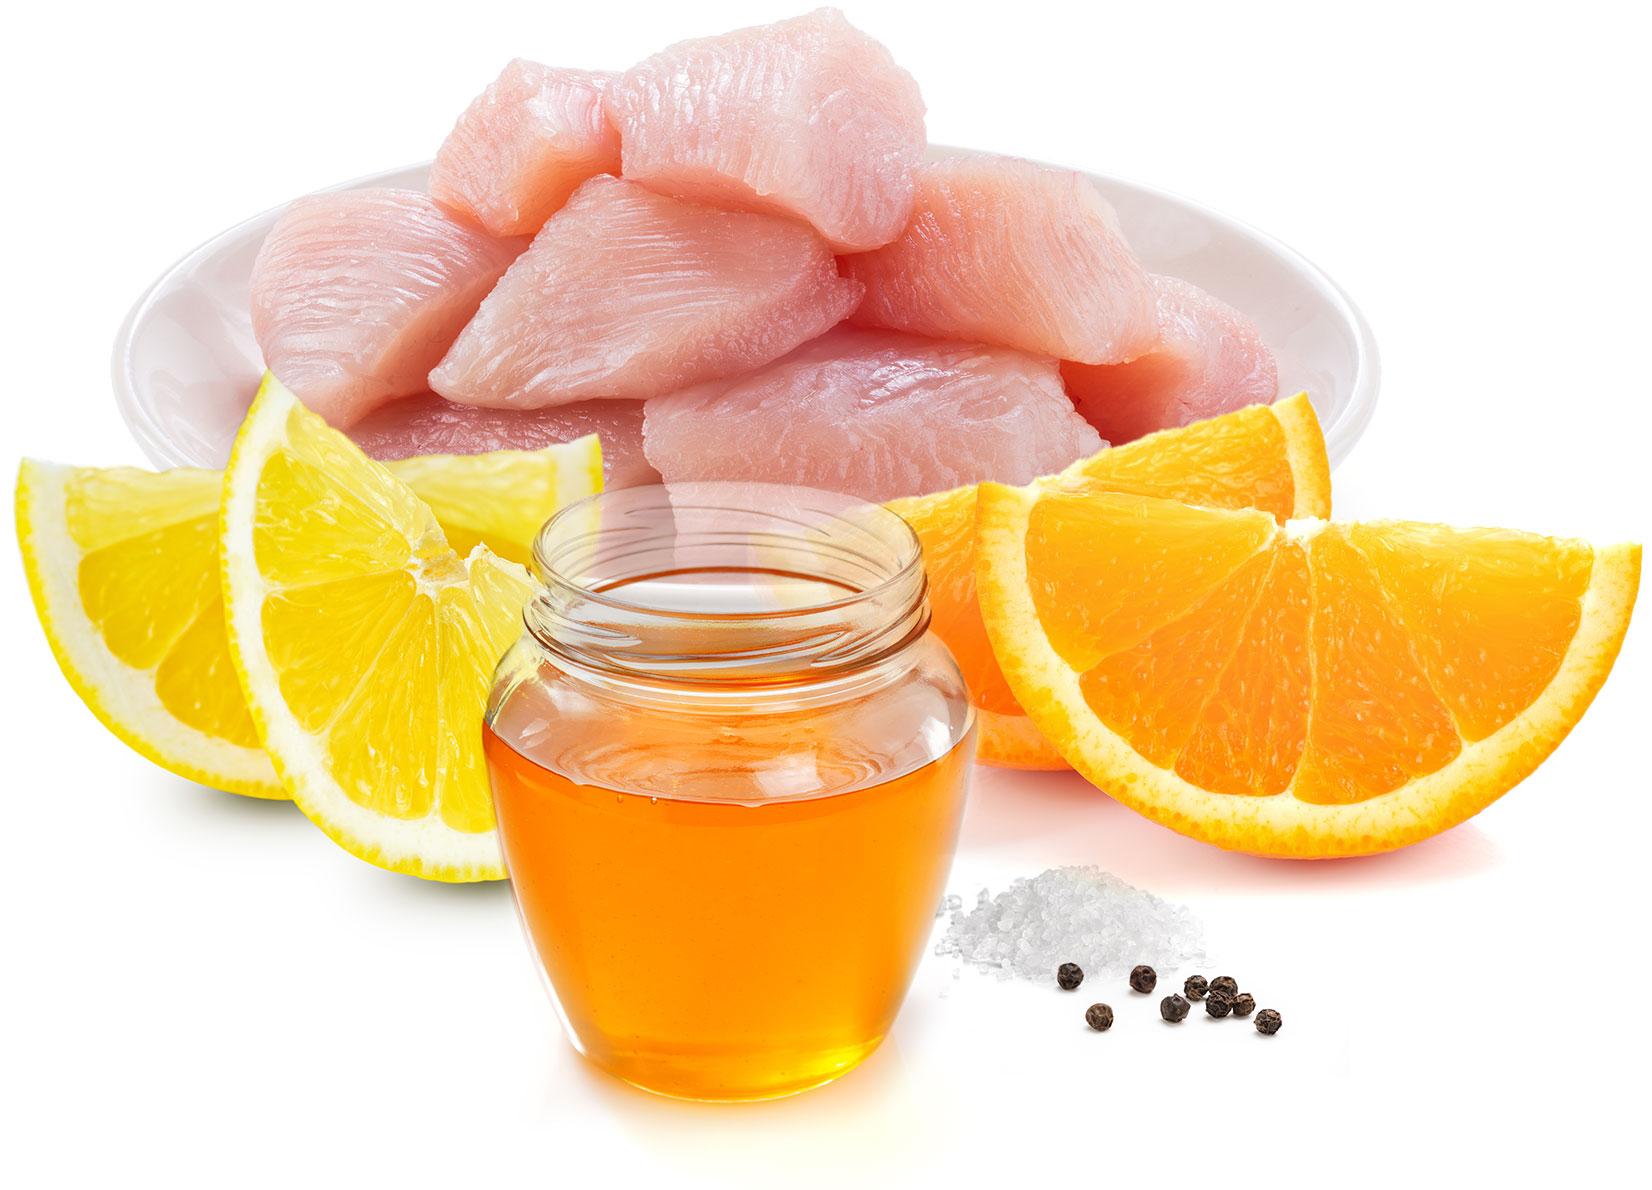 Food lunch idee ricette pollo limone straccetti